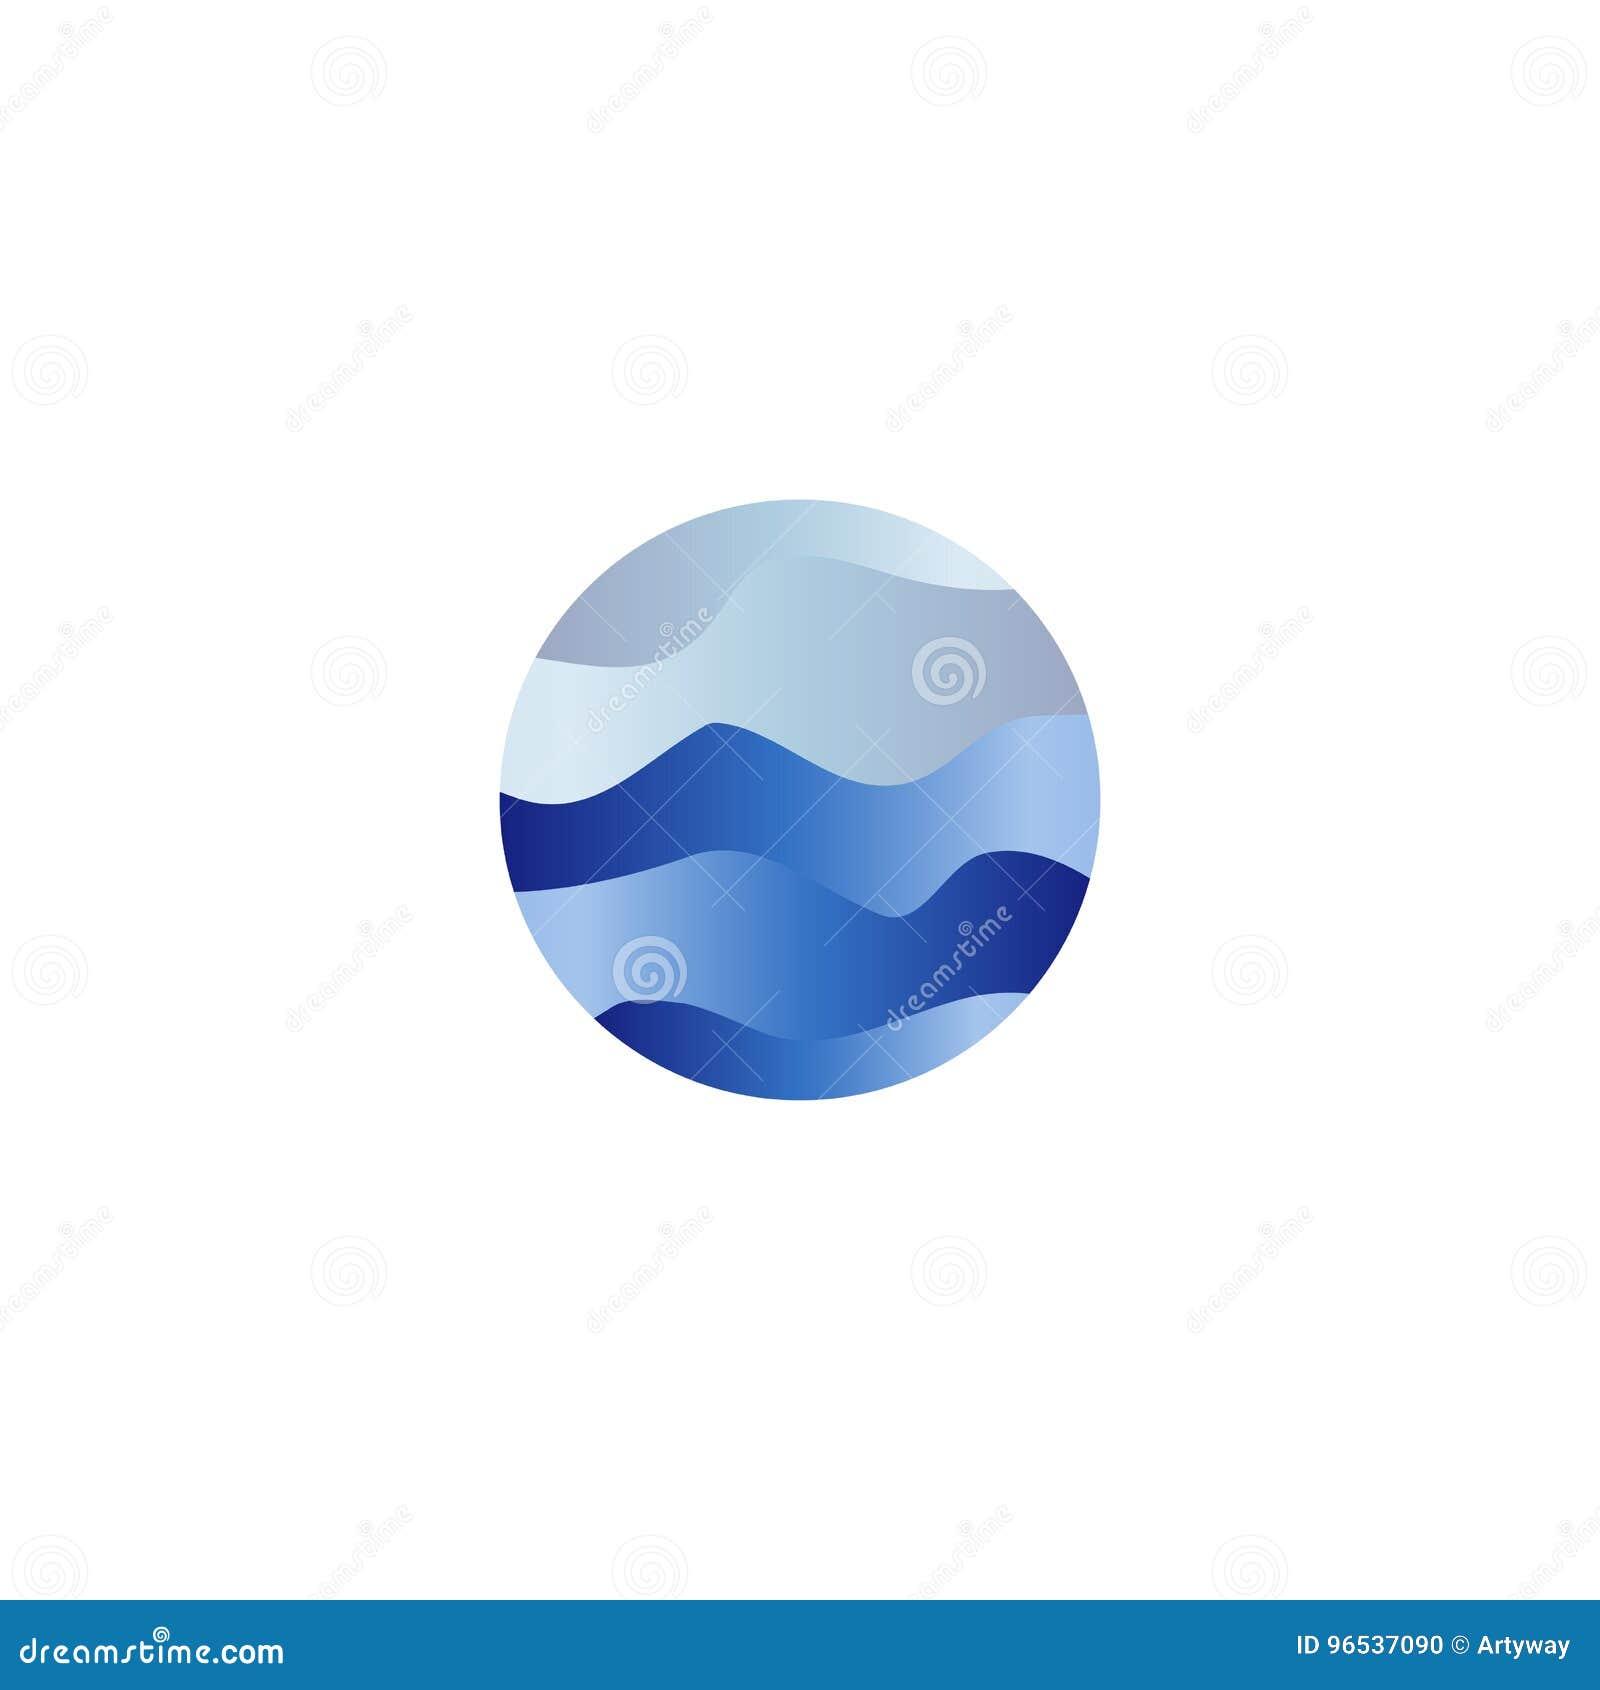 Le Resume A Isole Le Liquide De Forme Ronde L Ocean Bleu De Couleur